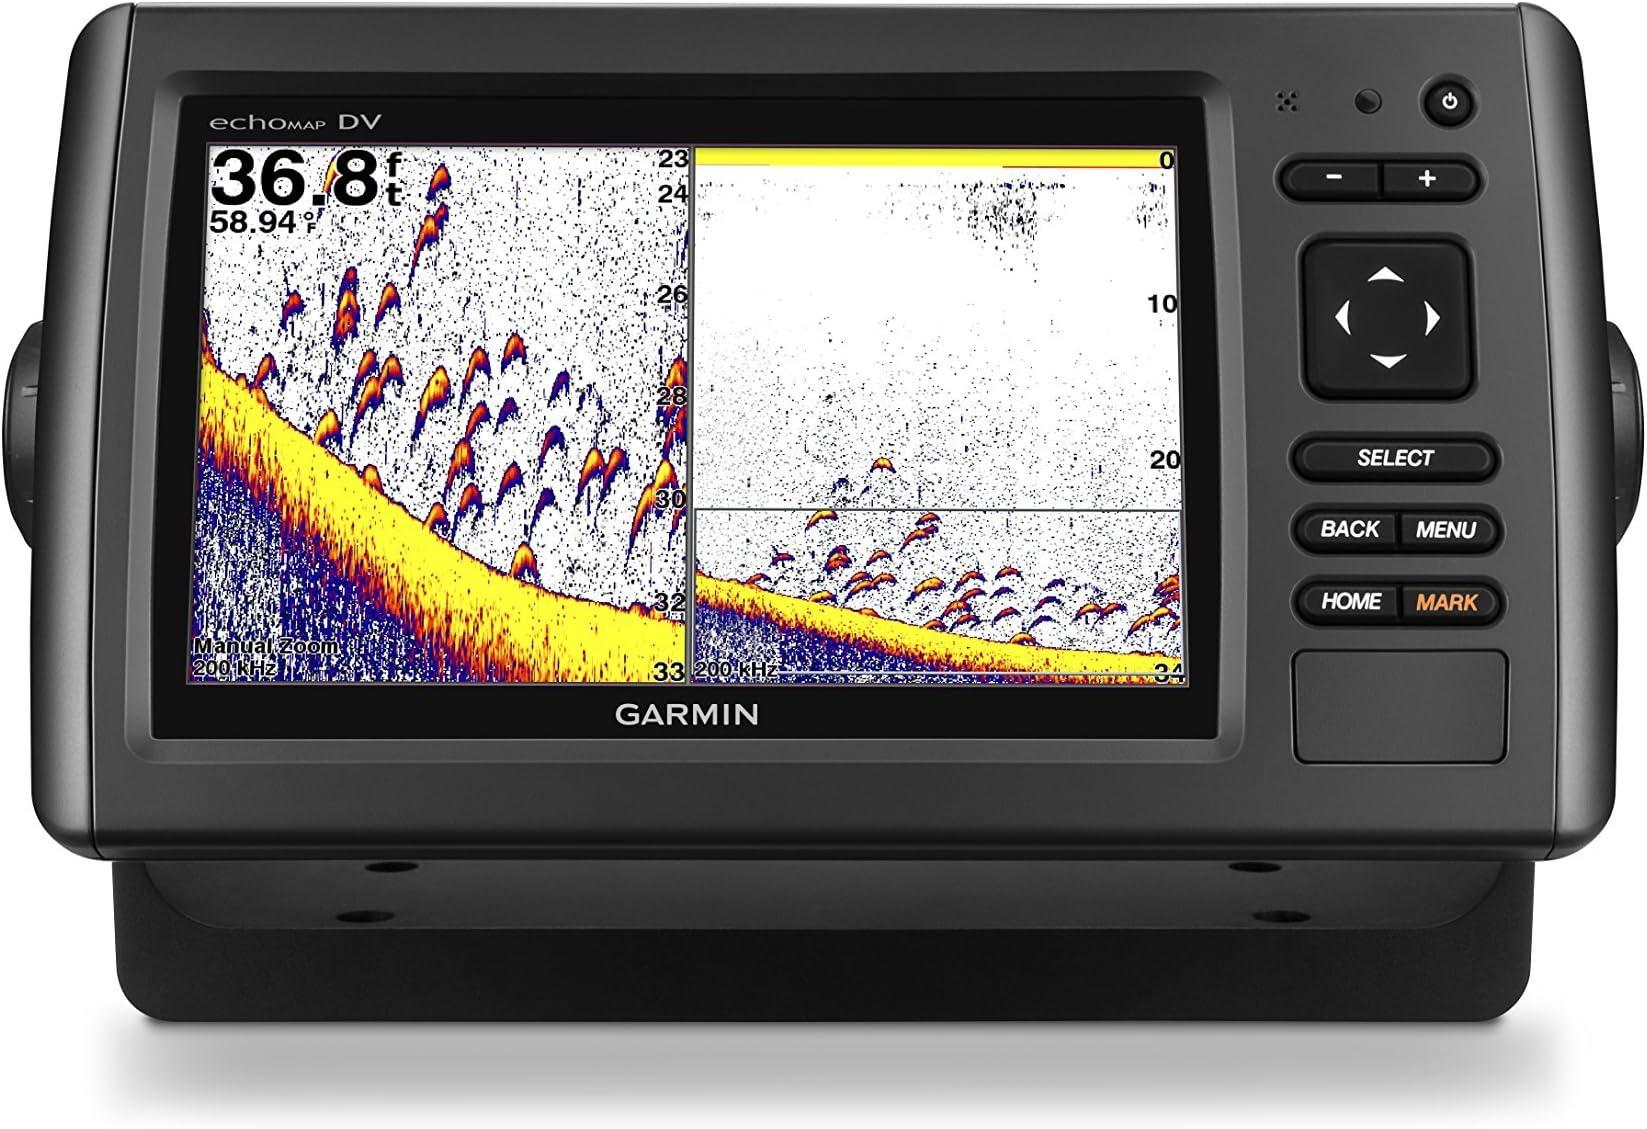 Garmin 551s Wiring Diagram Schematics Data Fishfinder Gpsmap Diagrams Hands Free 2010 Mini Cooper